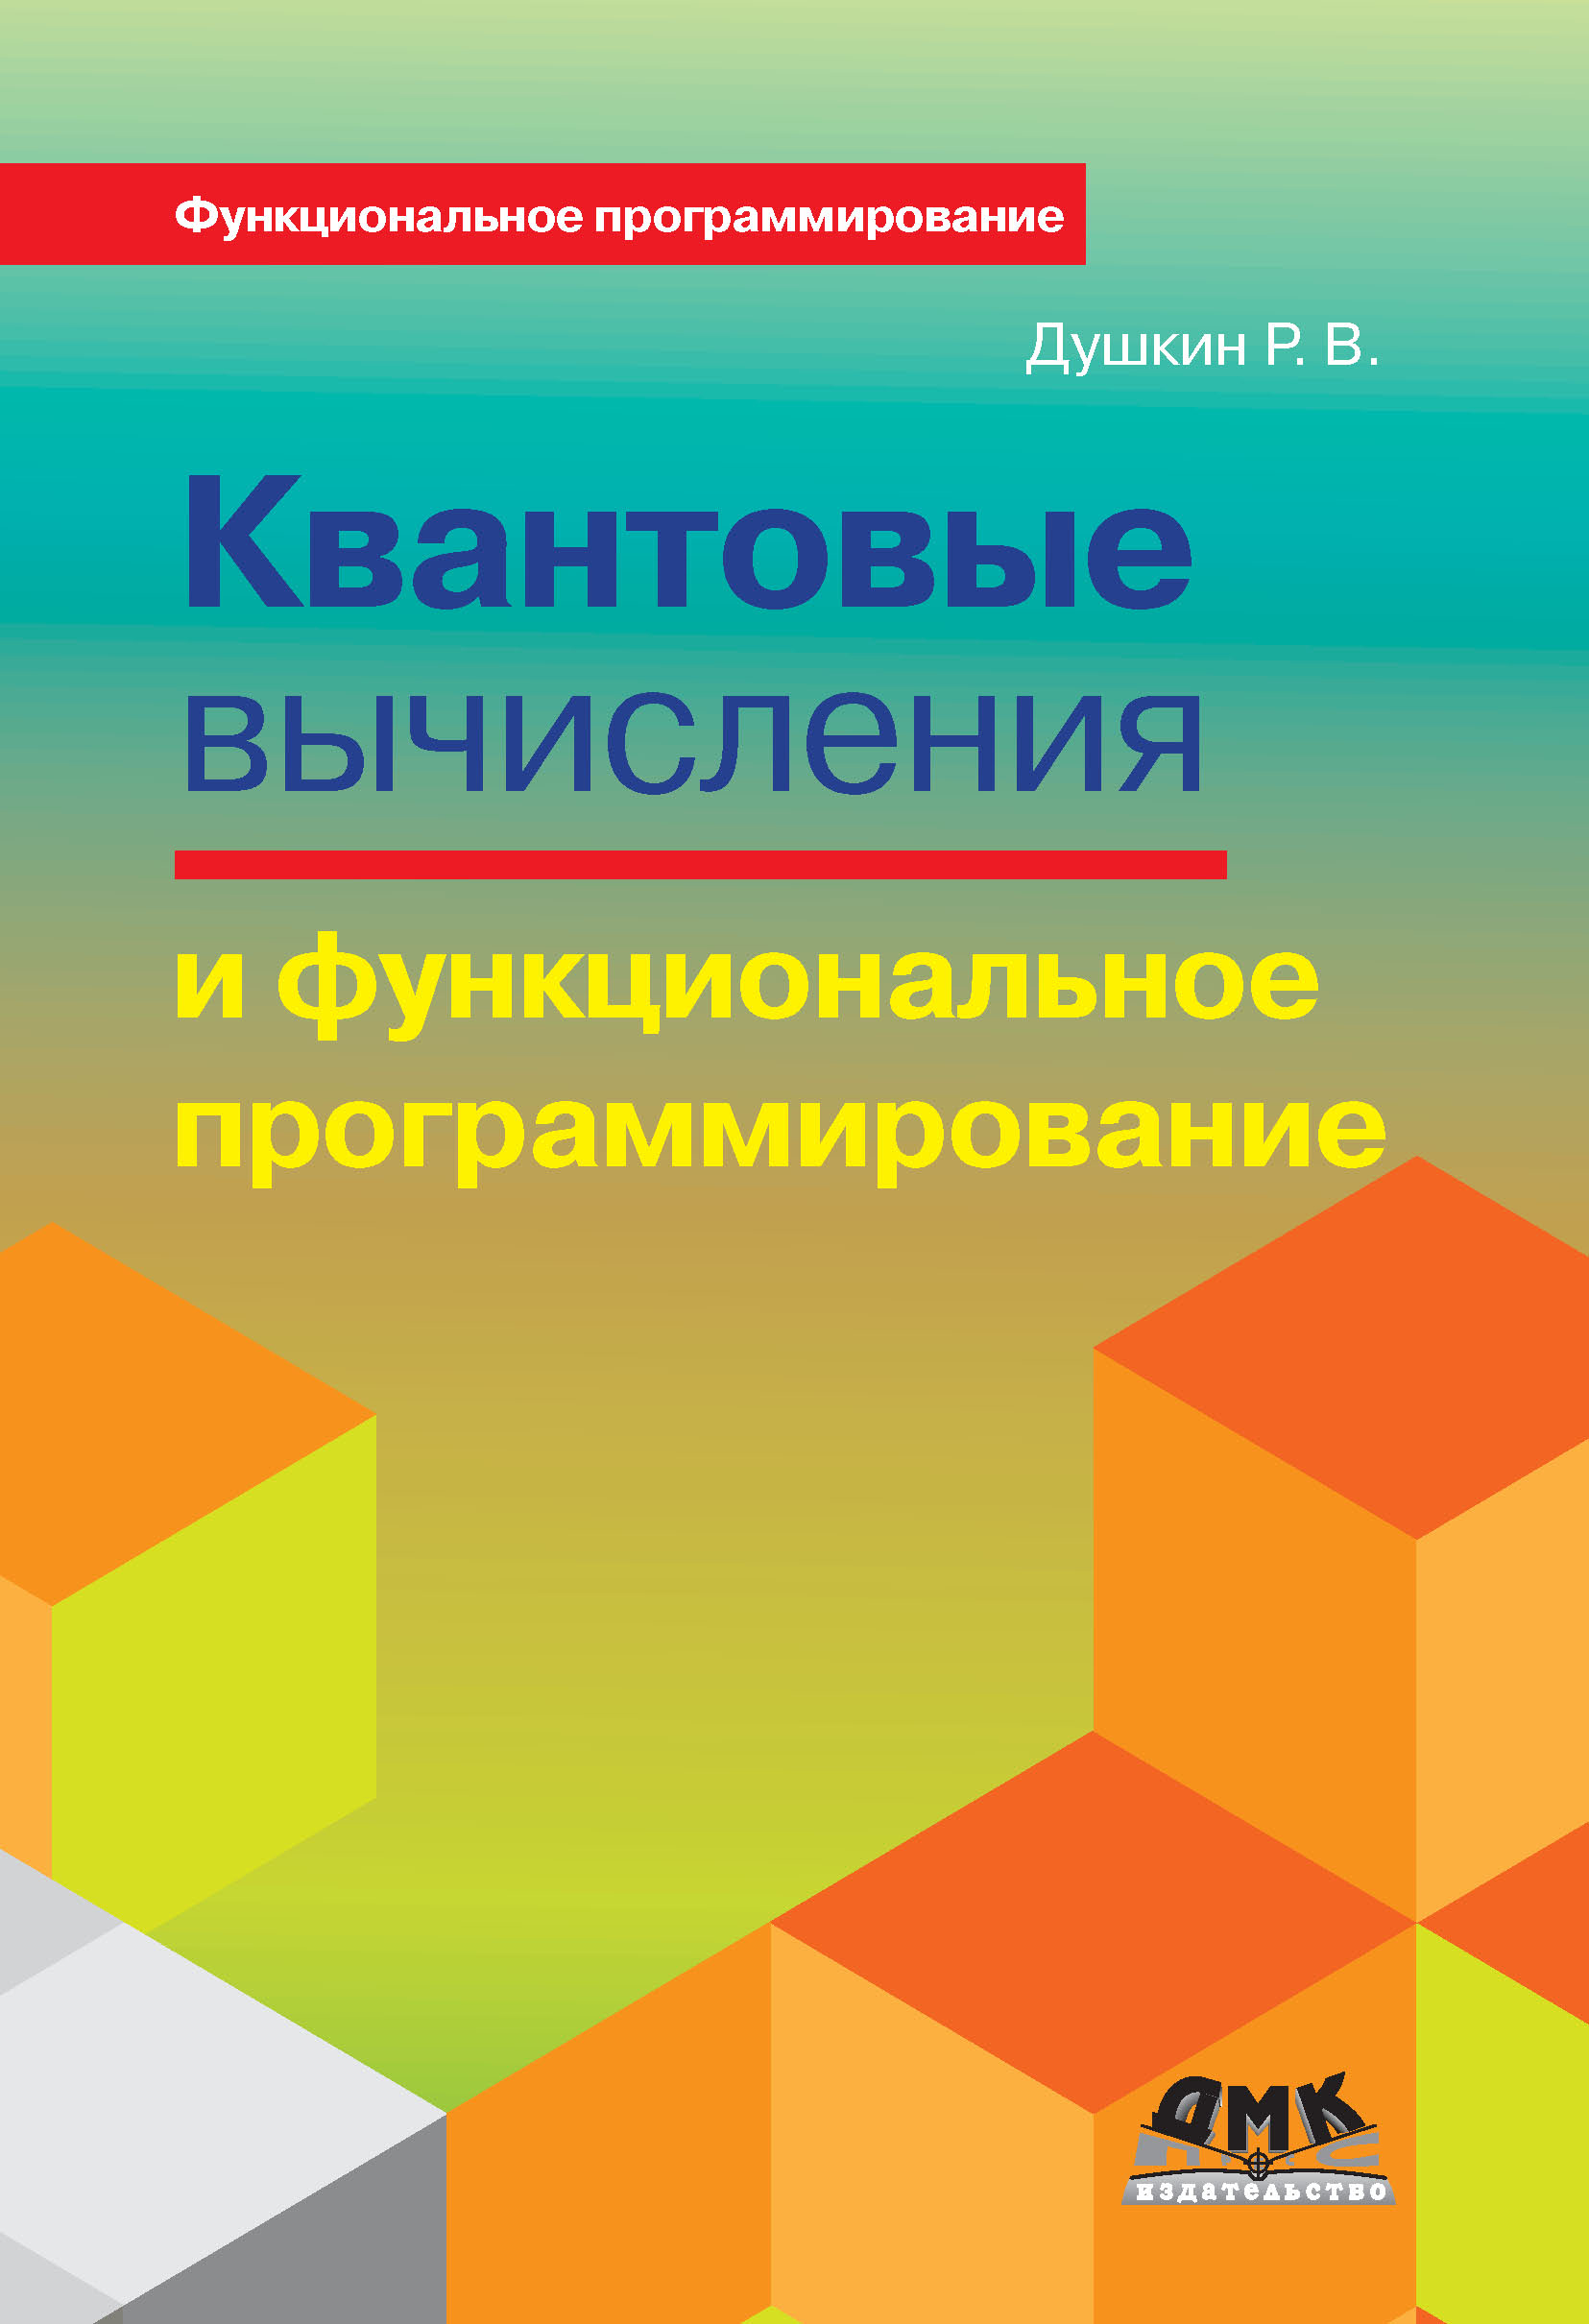 Р. В. Душкин Квантовые вычисления и функциональное программирование лав р linux системное программирование